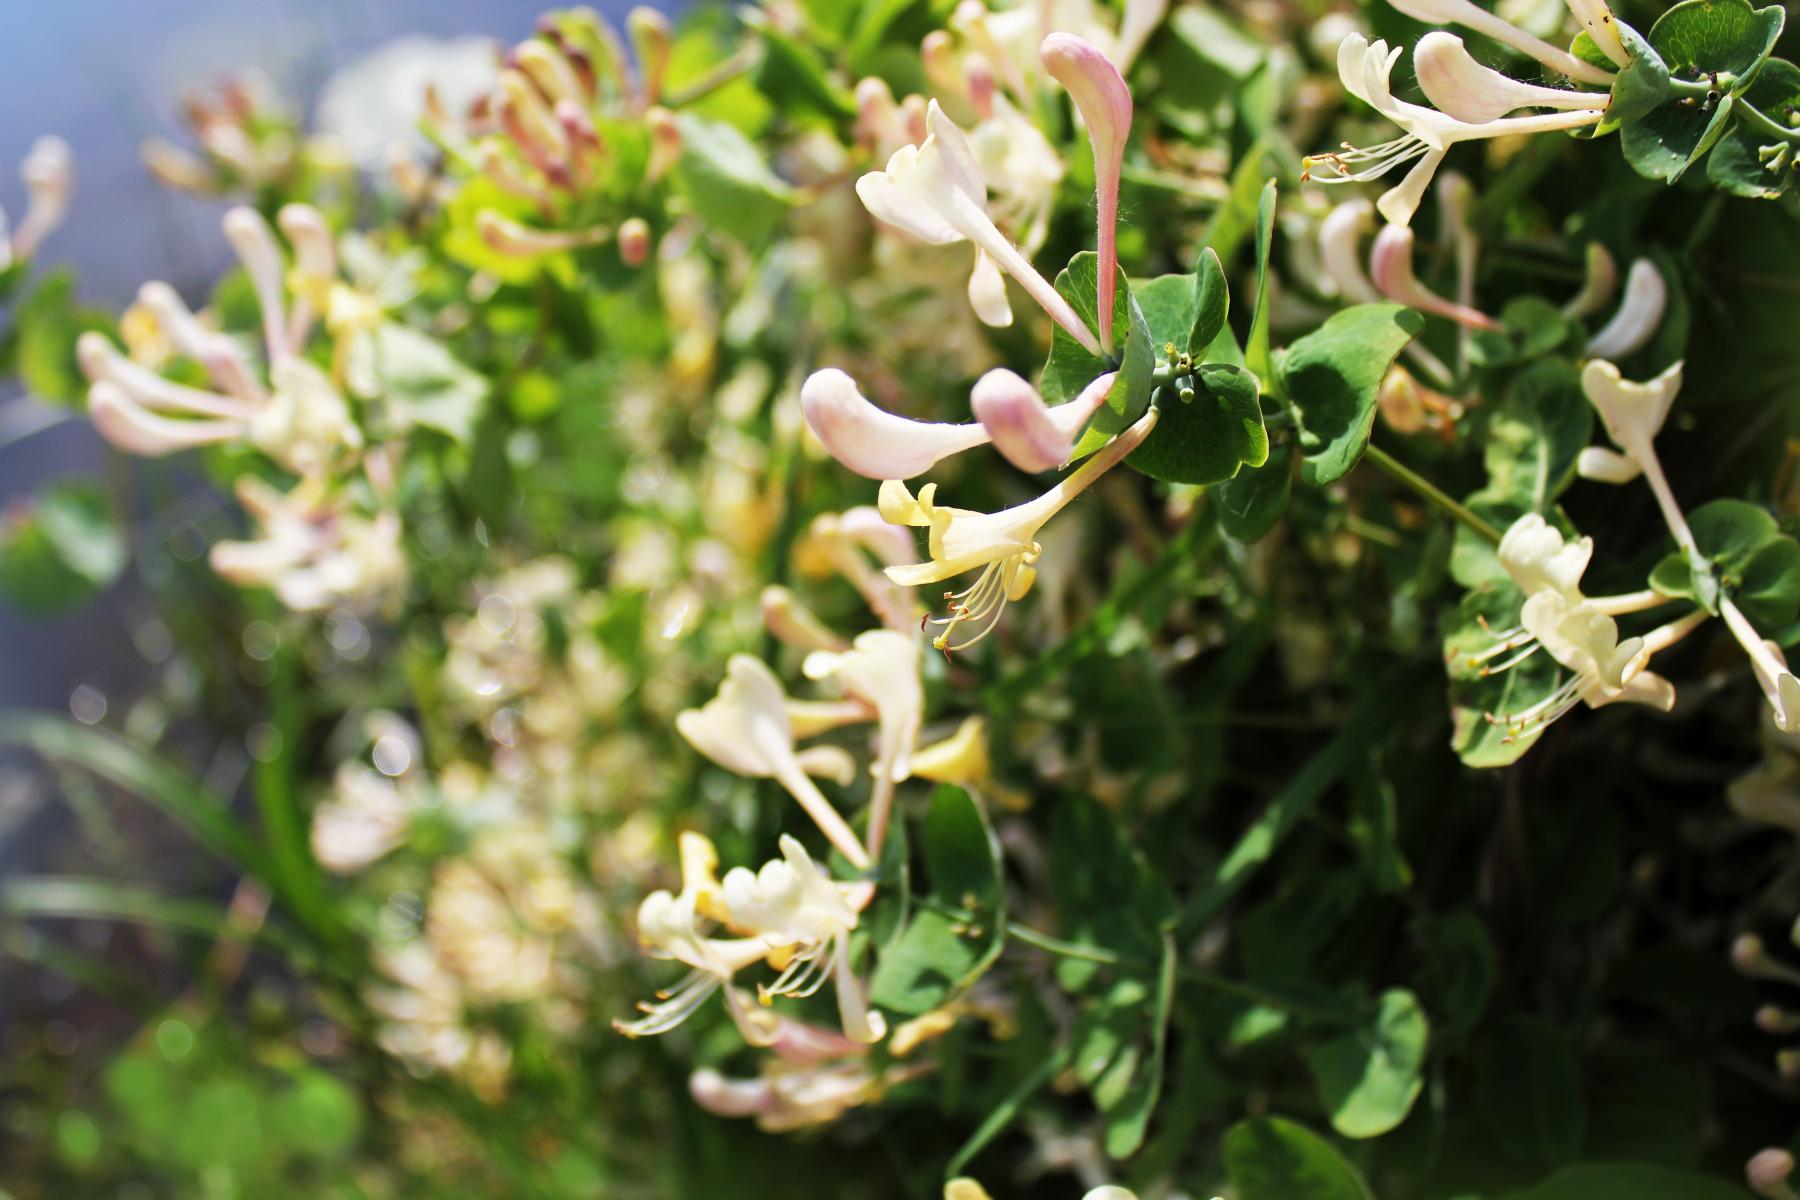 Hvitgule og hvitrosa blomster med lange kronblader